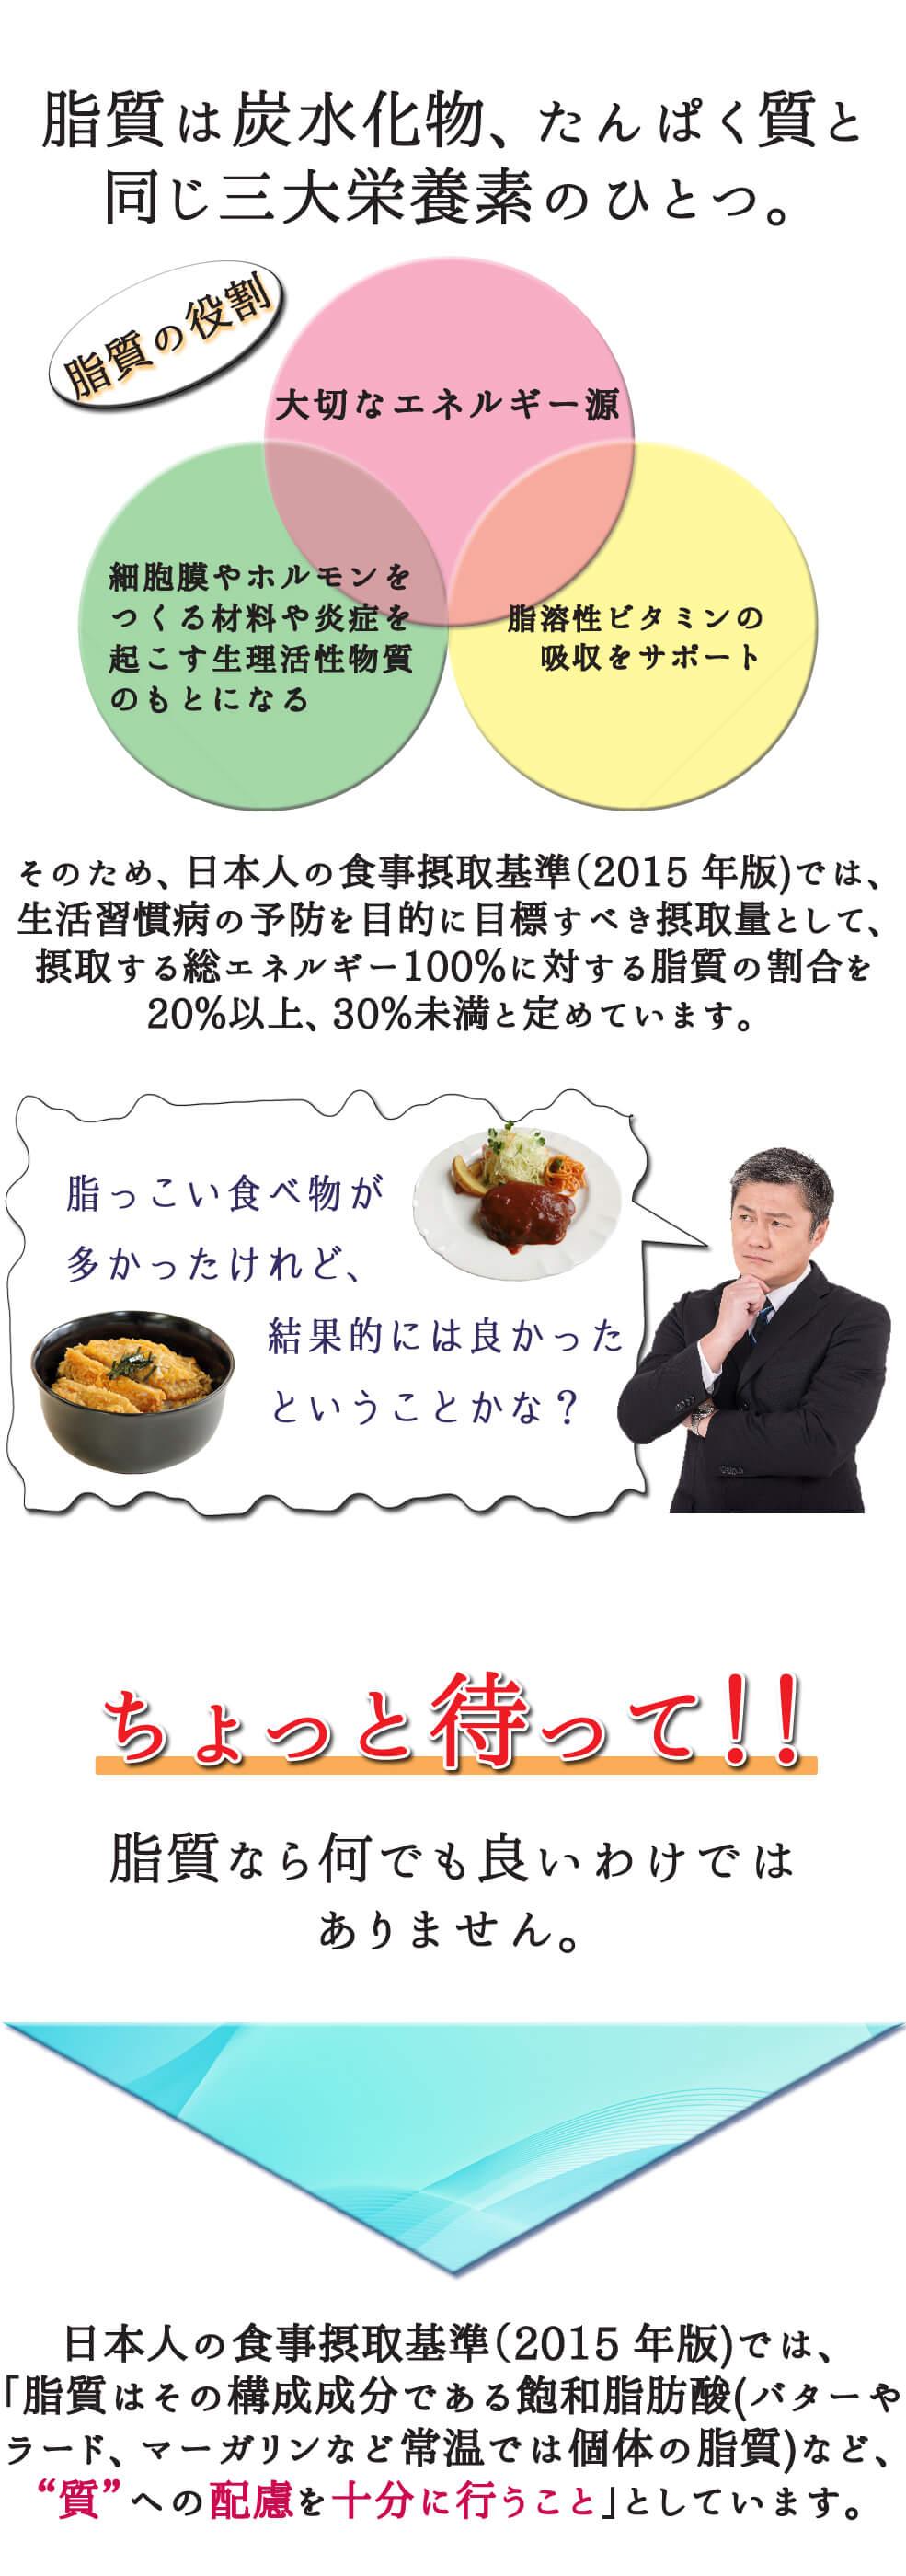 """脂質は炭水化物、たんぱく質と同じ三大栄養素のひとつ。そのため、日本人の食事摂取基準(2015 年版)では、生活習慣病の予防を目的に目標すべき摂取量として、摂取する総エネルギー100%に対する脂質の割合を20%以上、30%未満と定めています。また「脂質はその構成成分である飽和脂肪酸(バターやラード、マーガリンなど常温では個体の脂質)など、 """"質""""への配慮を十分に行うこと」としています。"""